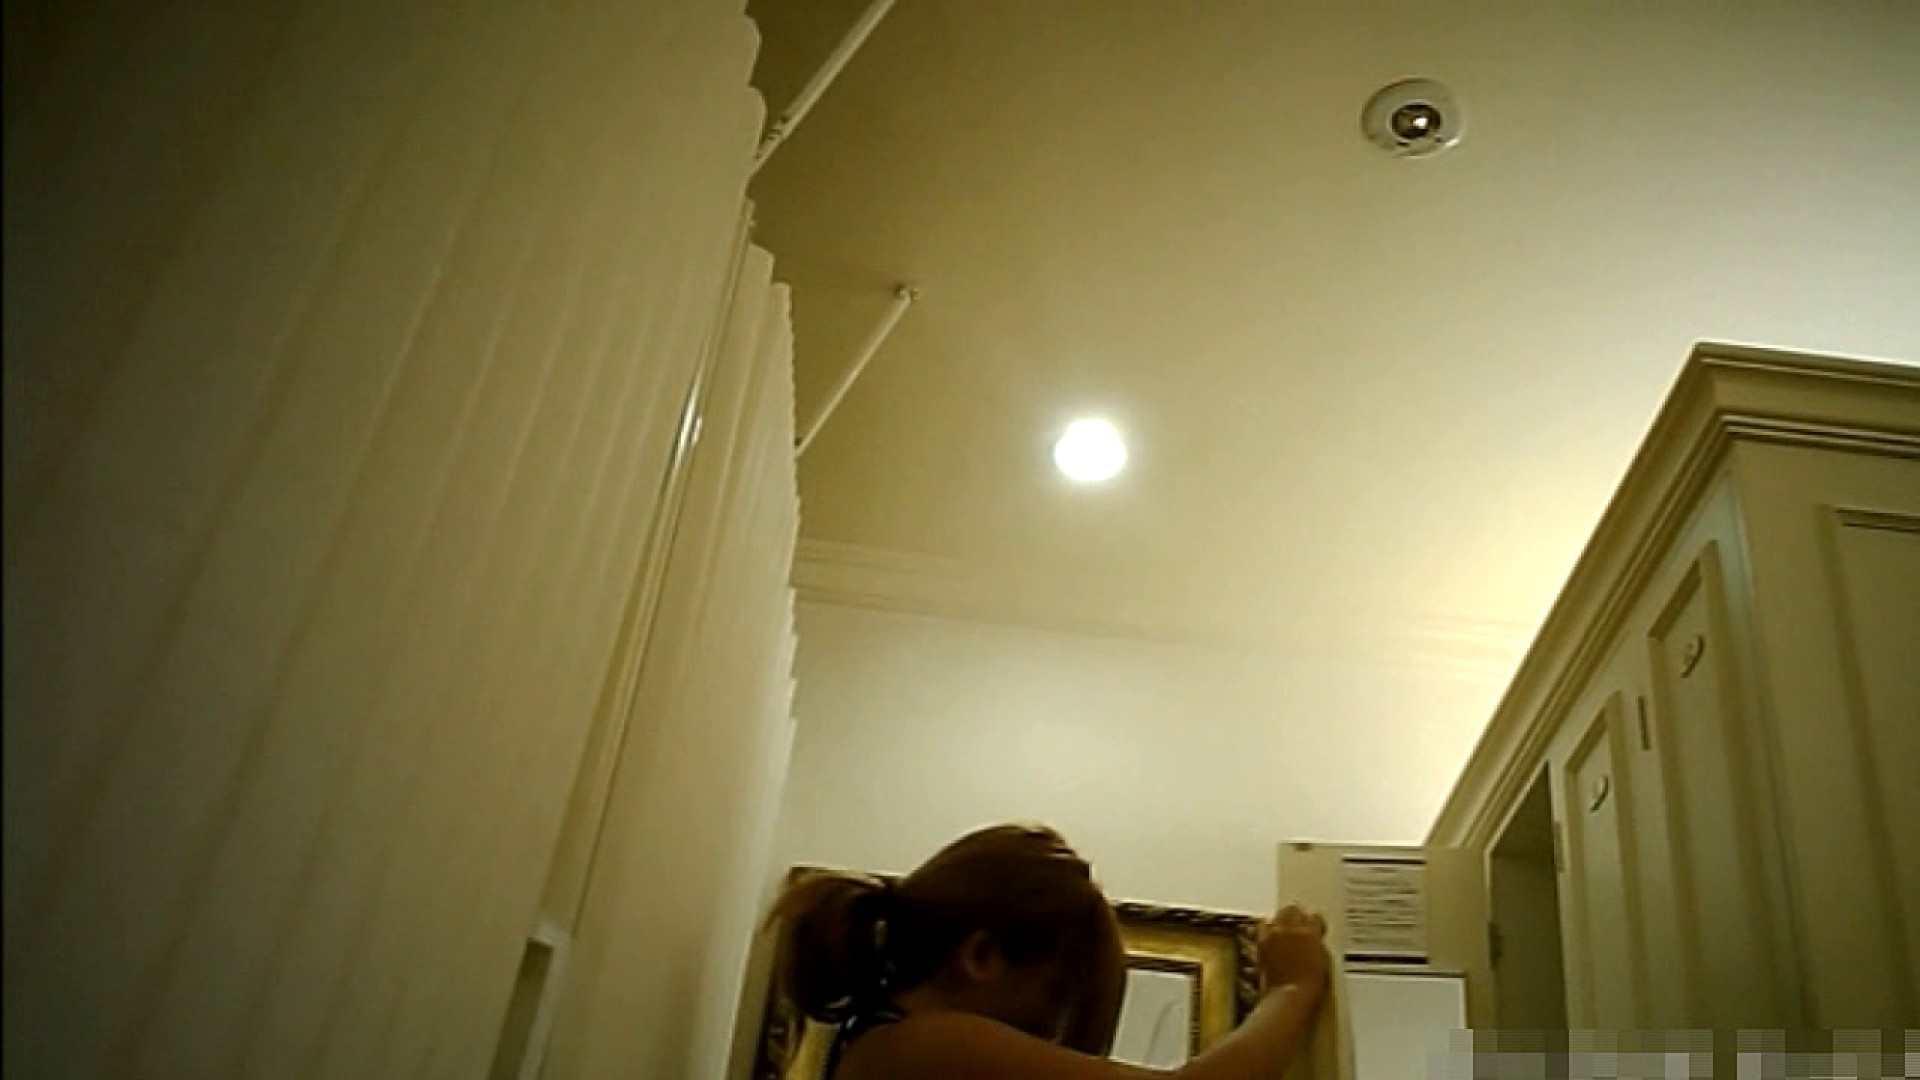 魔術師の お・も・て・な・し vol.07 19歳巨乳ギャルの入浴撮影 入浴隠し撮り ワレメ無修正動画無料 95pic 4